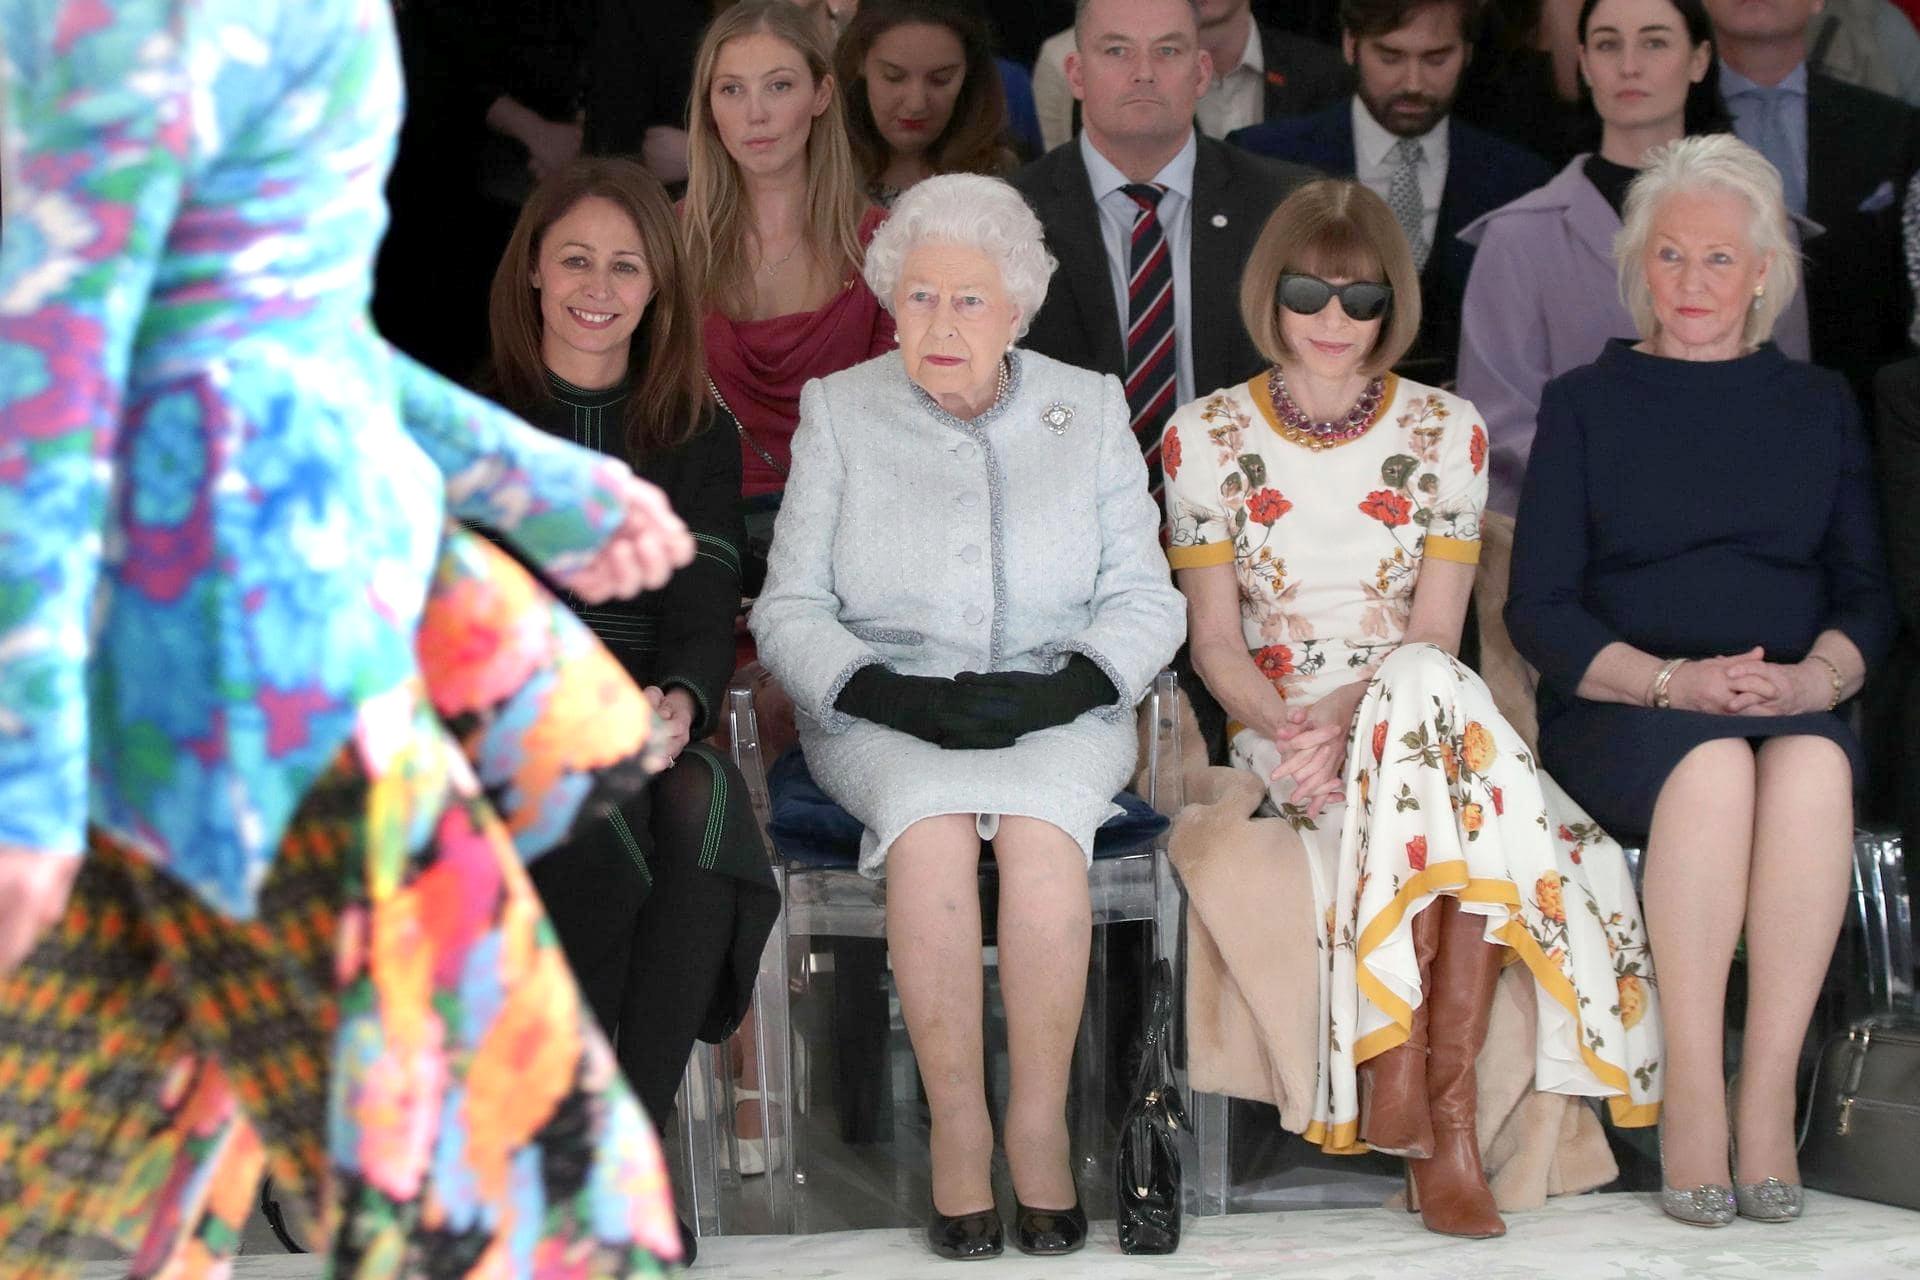 Королева Елизавета II и Анна Винтур на Неделе моды в Лондоне